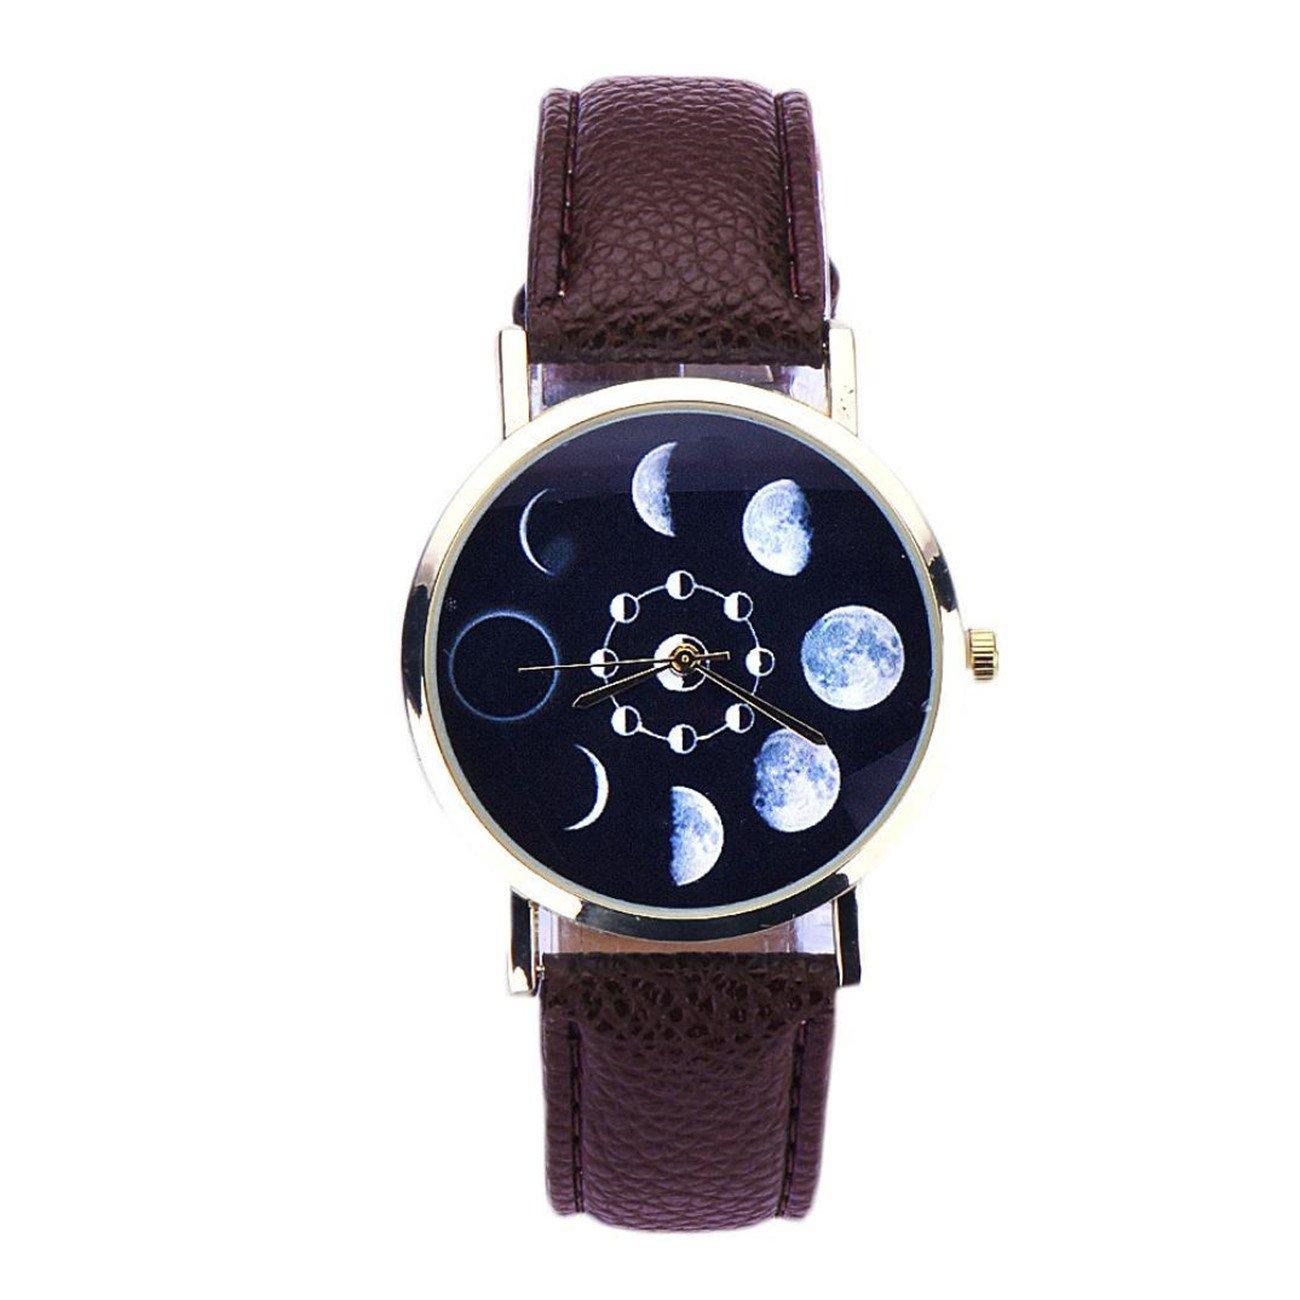 レディース腕時計レザーアナログクォーツLunar Eclipseパターン Case Diameter:3.8cm/1.4'' (Approx.) ブラウン B074GVVMBY ブラウン ブラウン